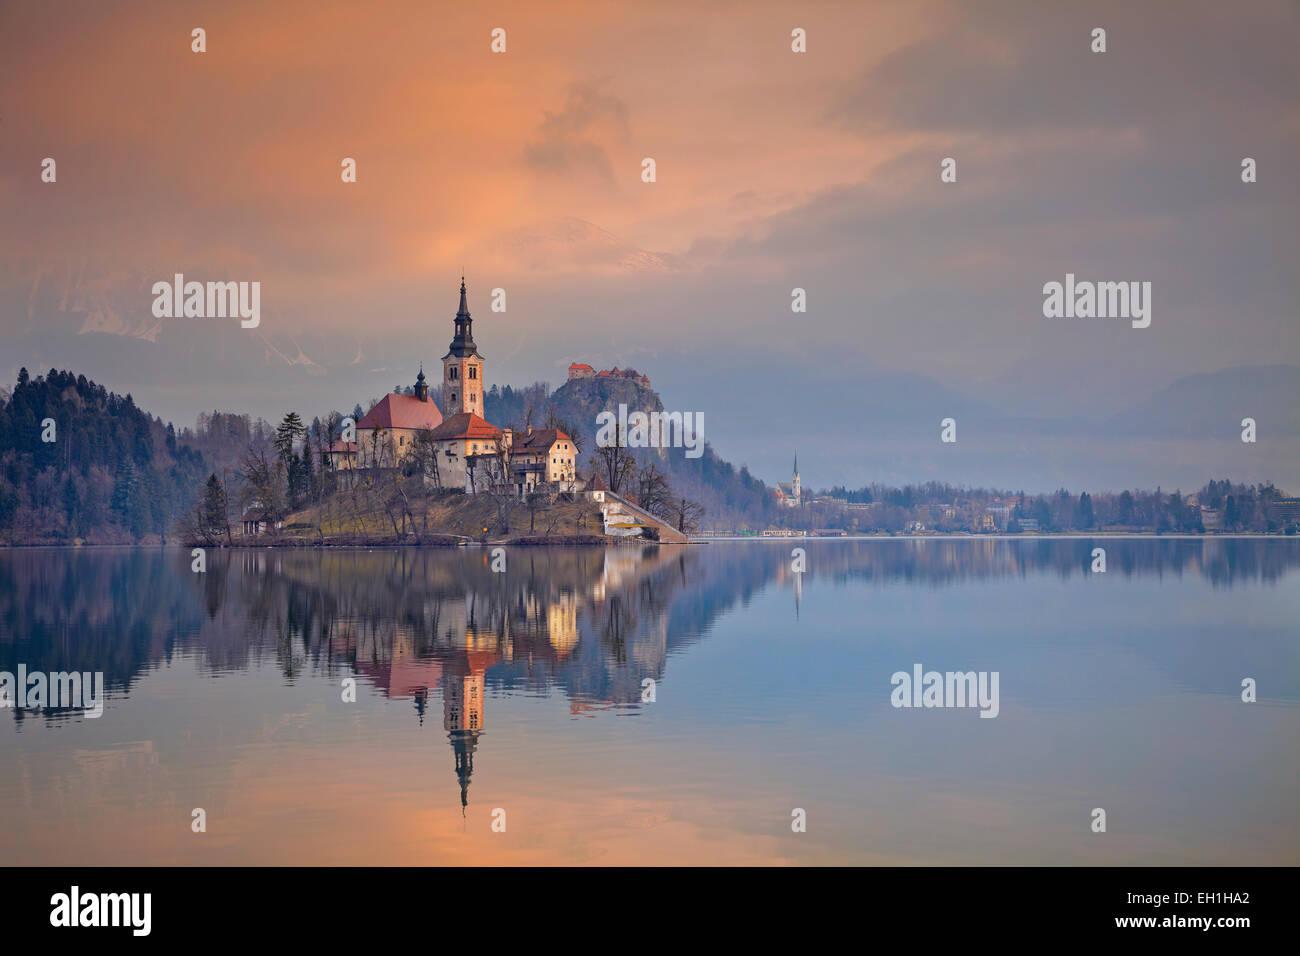 Lago Bled. Lago Bled con Santa María de la Asunción de la Iglesia en la pequeña isla. Bled, Eslovenia, Imagen De Stock